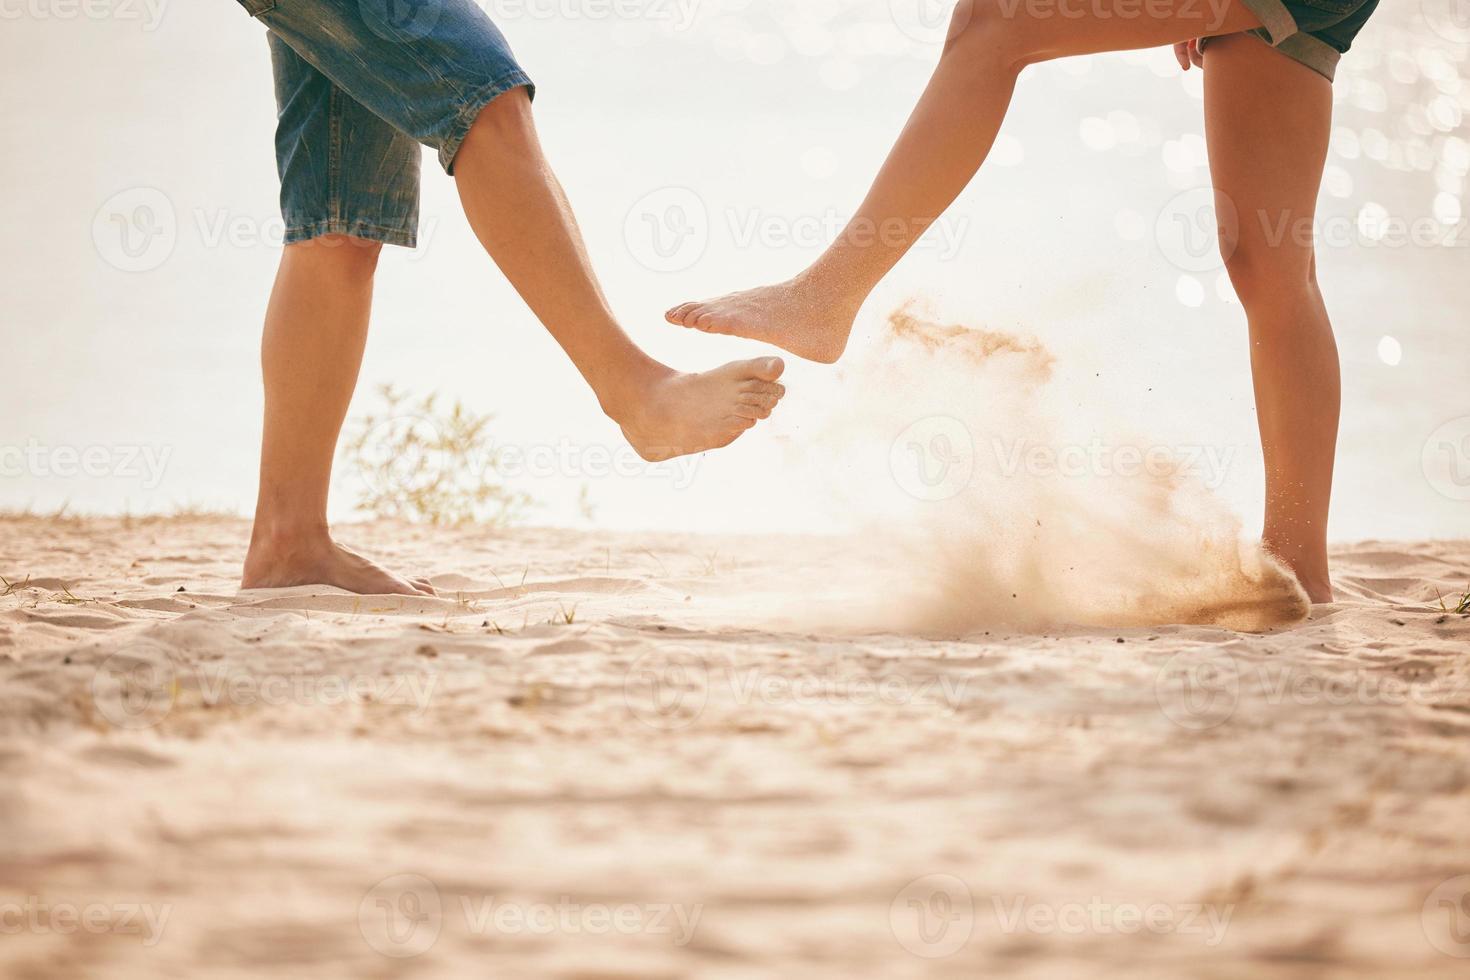 jovem casal brincando com areia. estilo de vida de verão. pés na areia na praia foto